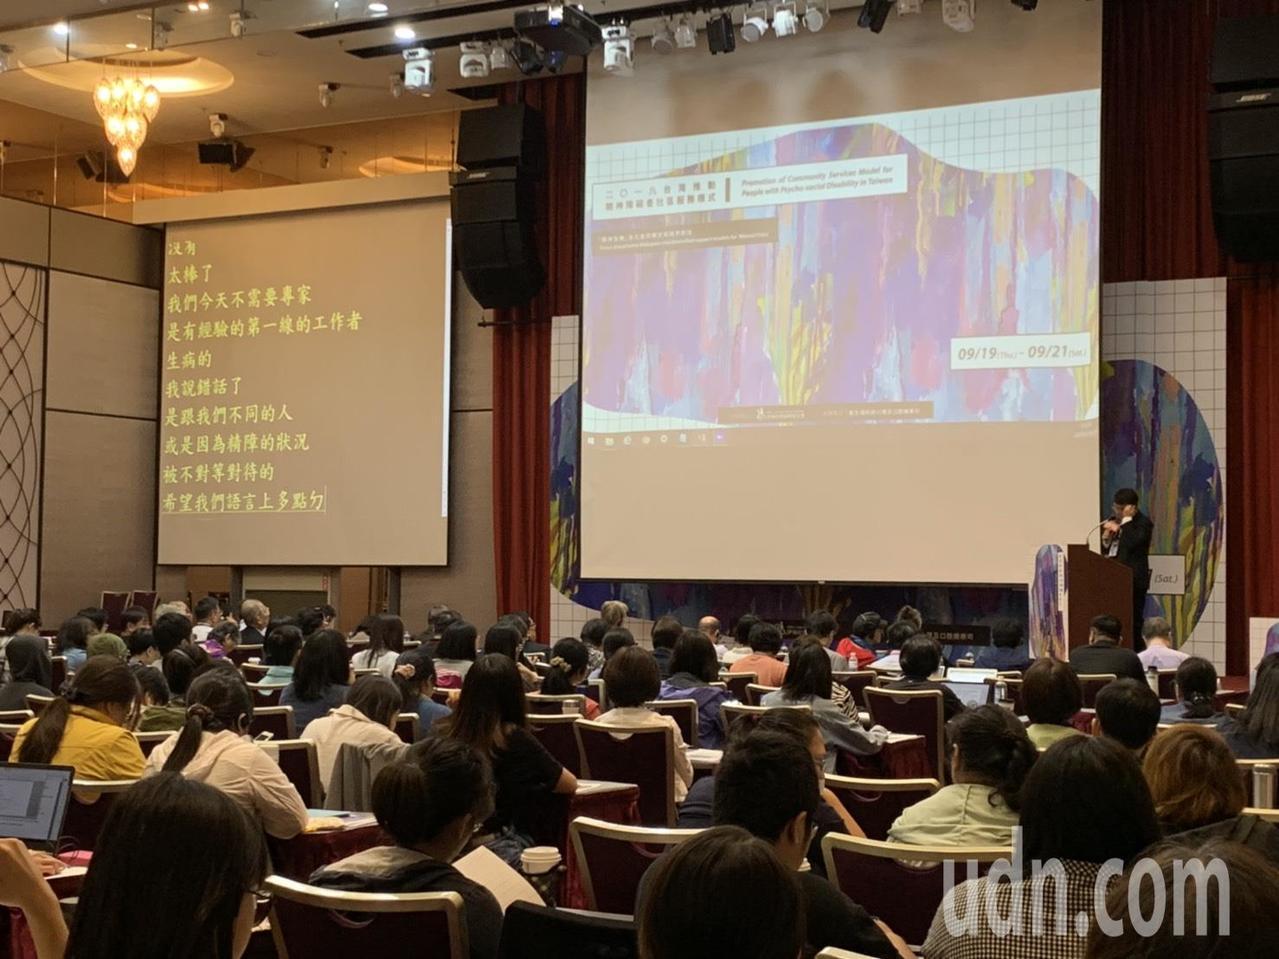 伊甸基金會今舉辦「台灣推動精神障礙社區服務模式國際研討會」。記者陳雨鑫/攝影